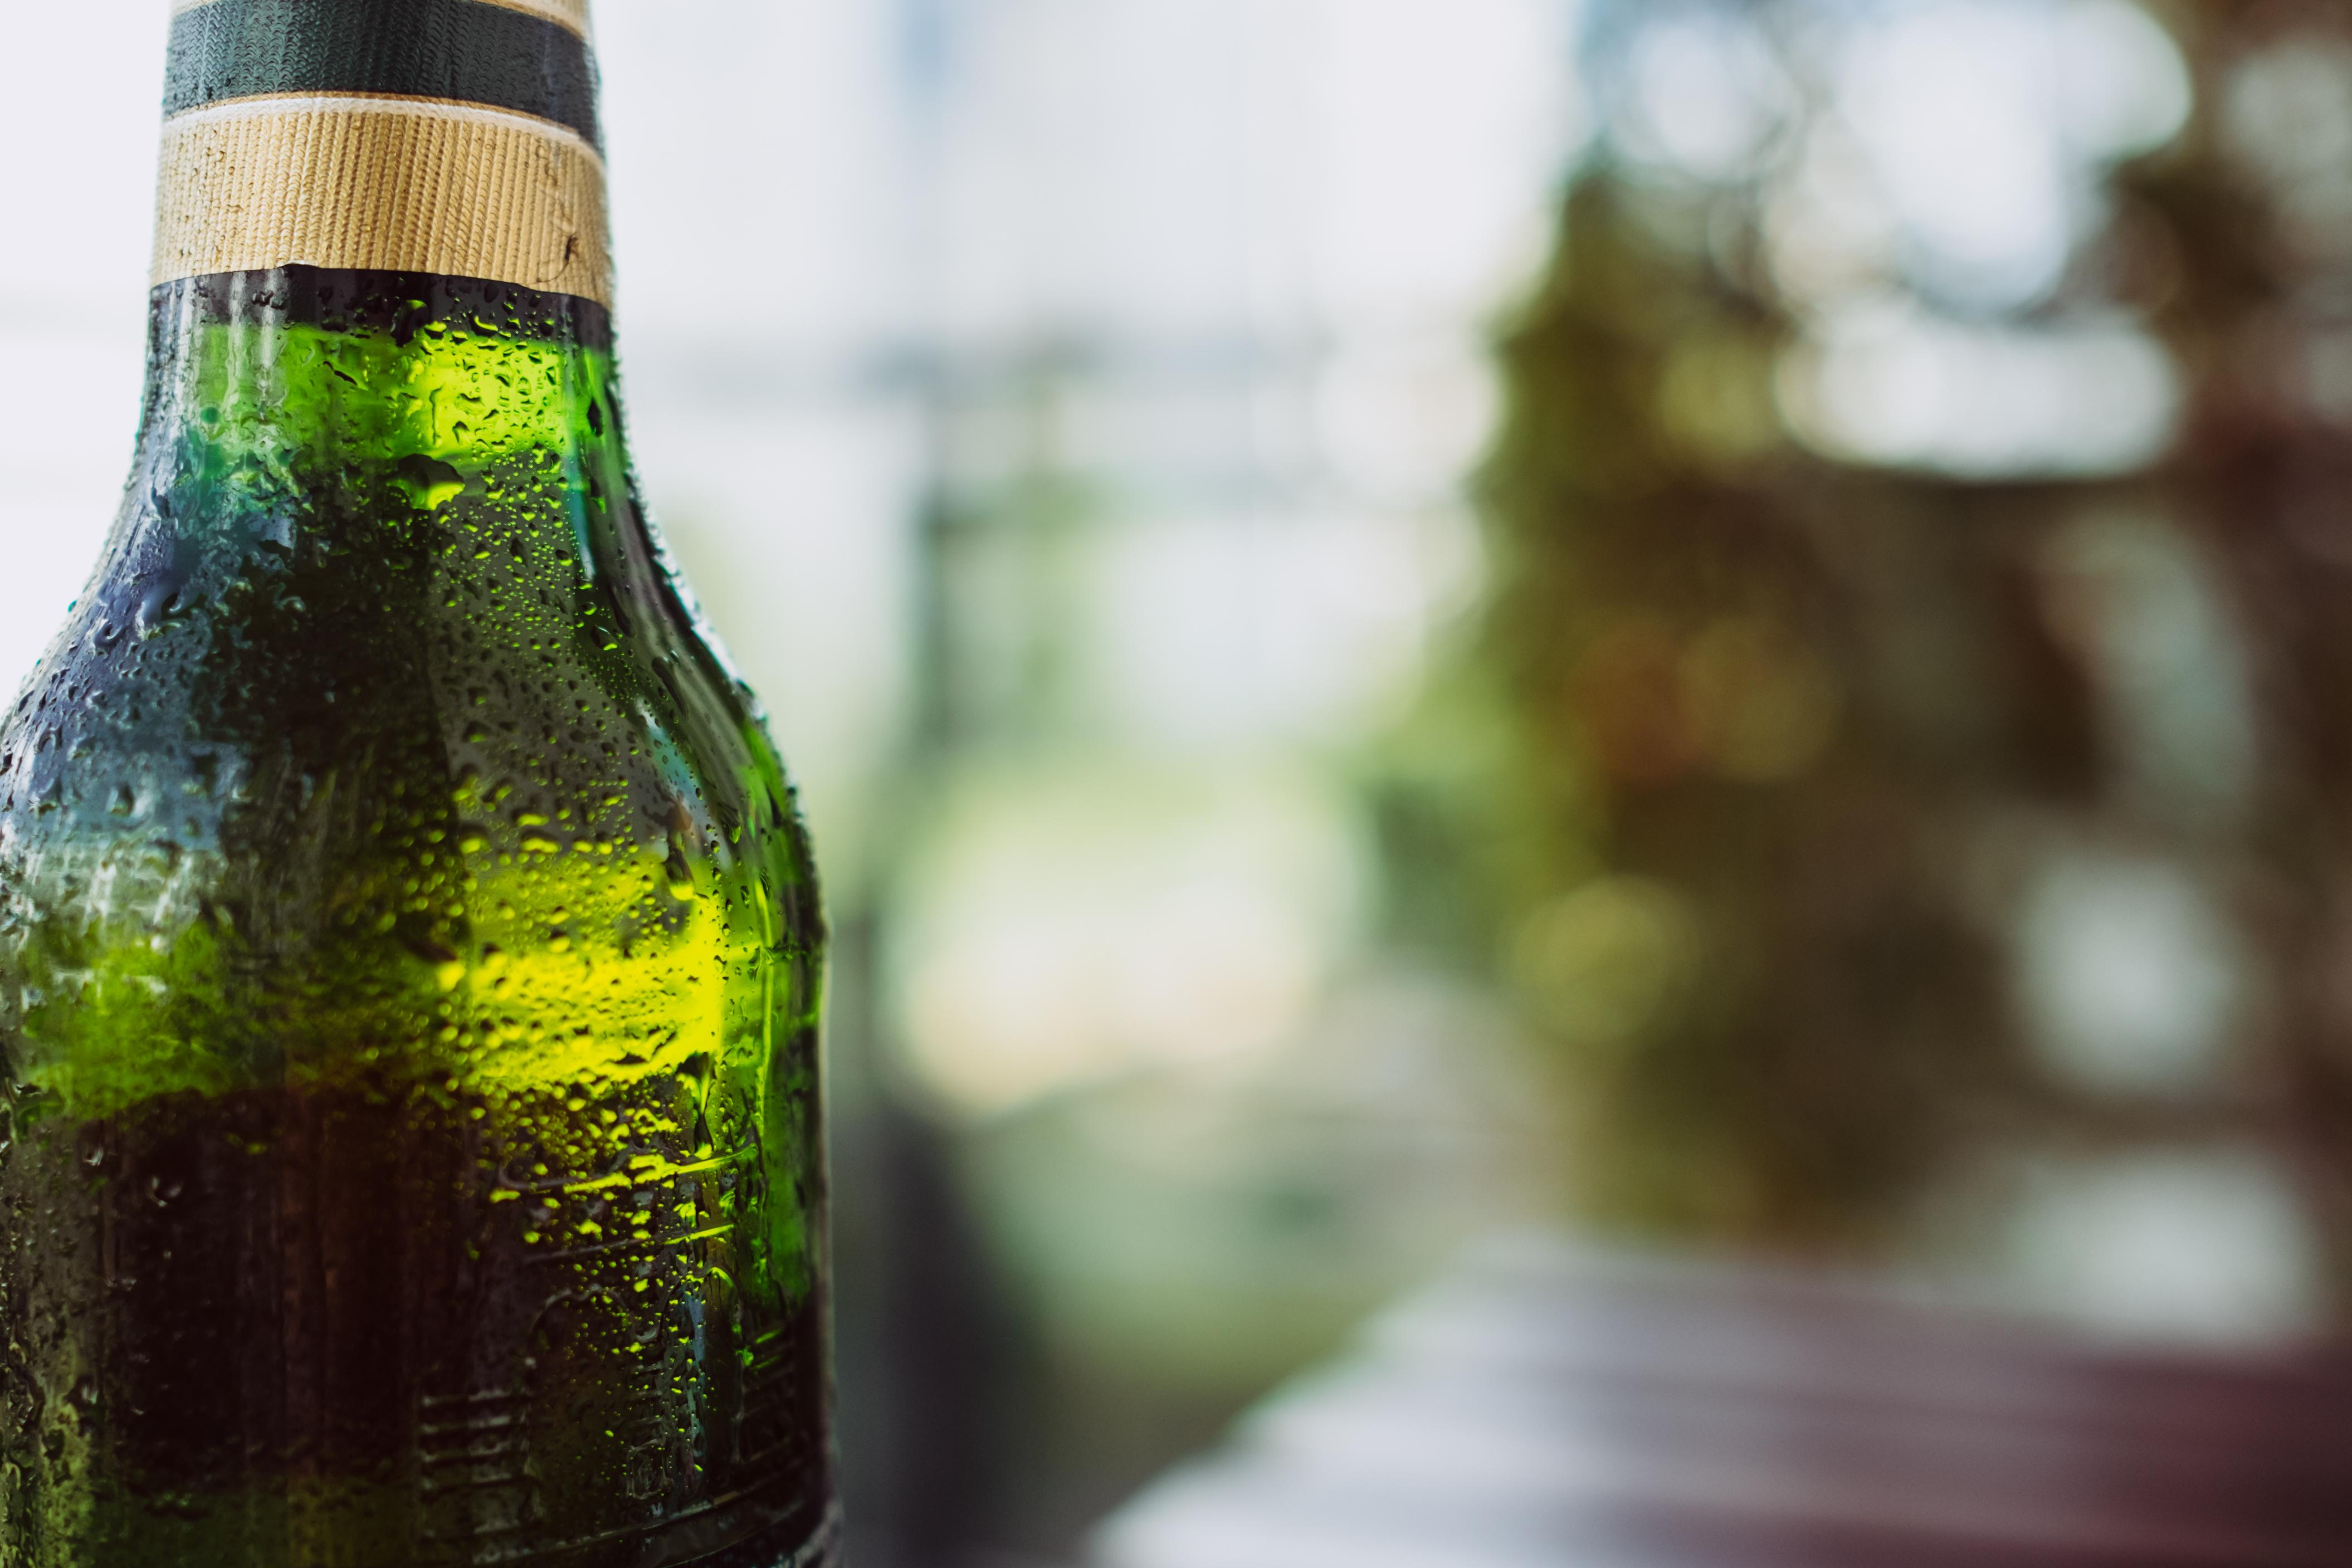 bottle_of_cold_beer_2-1.jpg